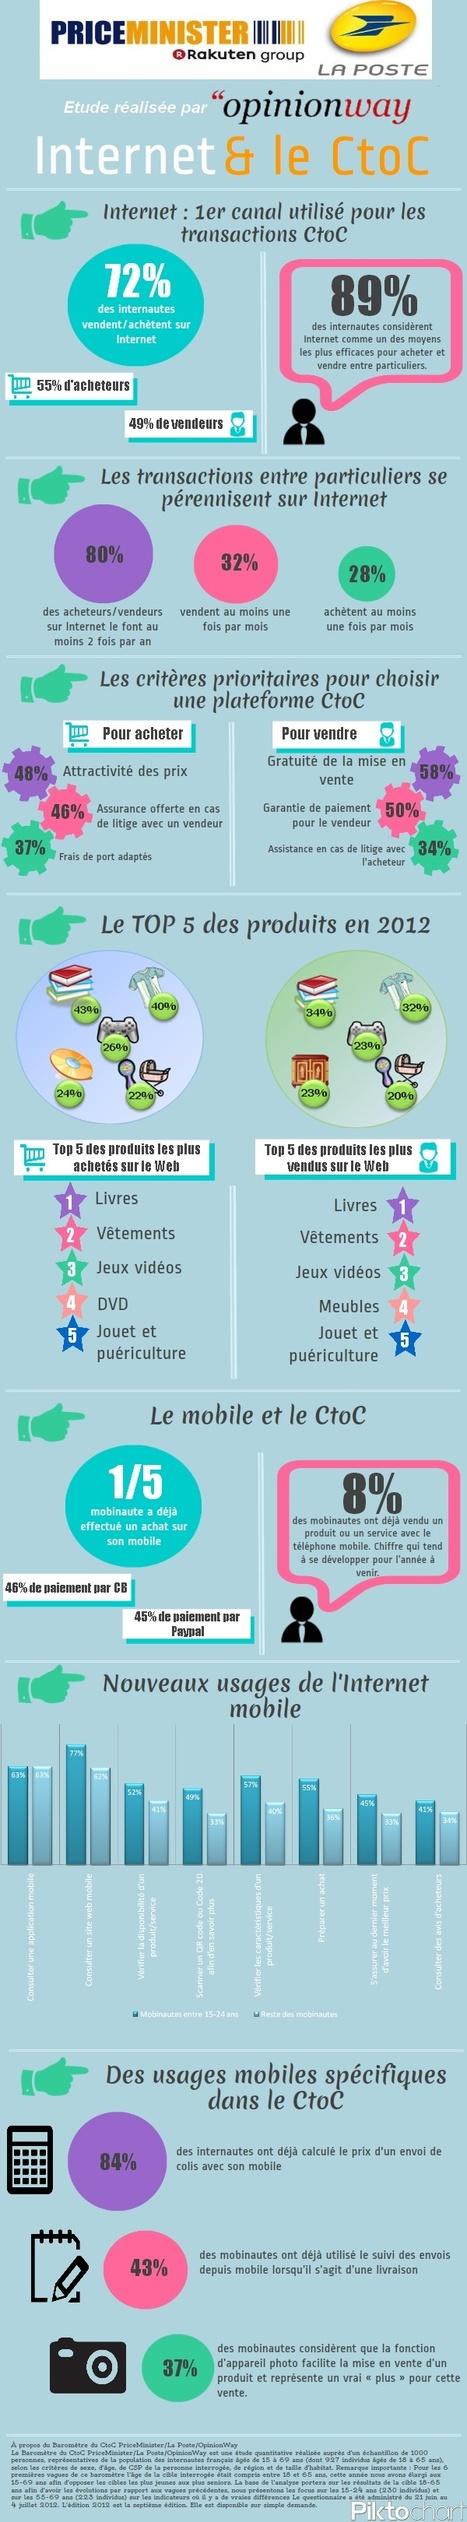 ecommerce : Les tendances 2012 du marché C to C sur le web   Maxime.Larchey News   Scoop.it